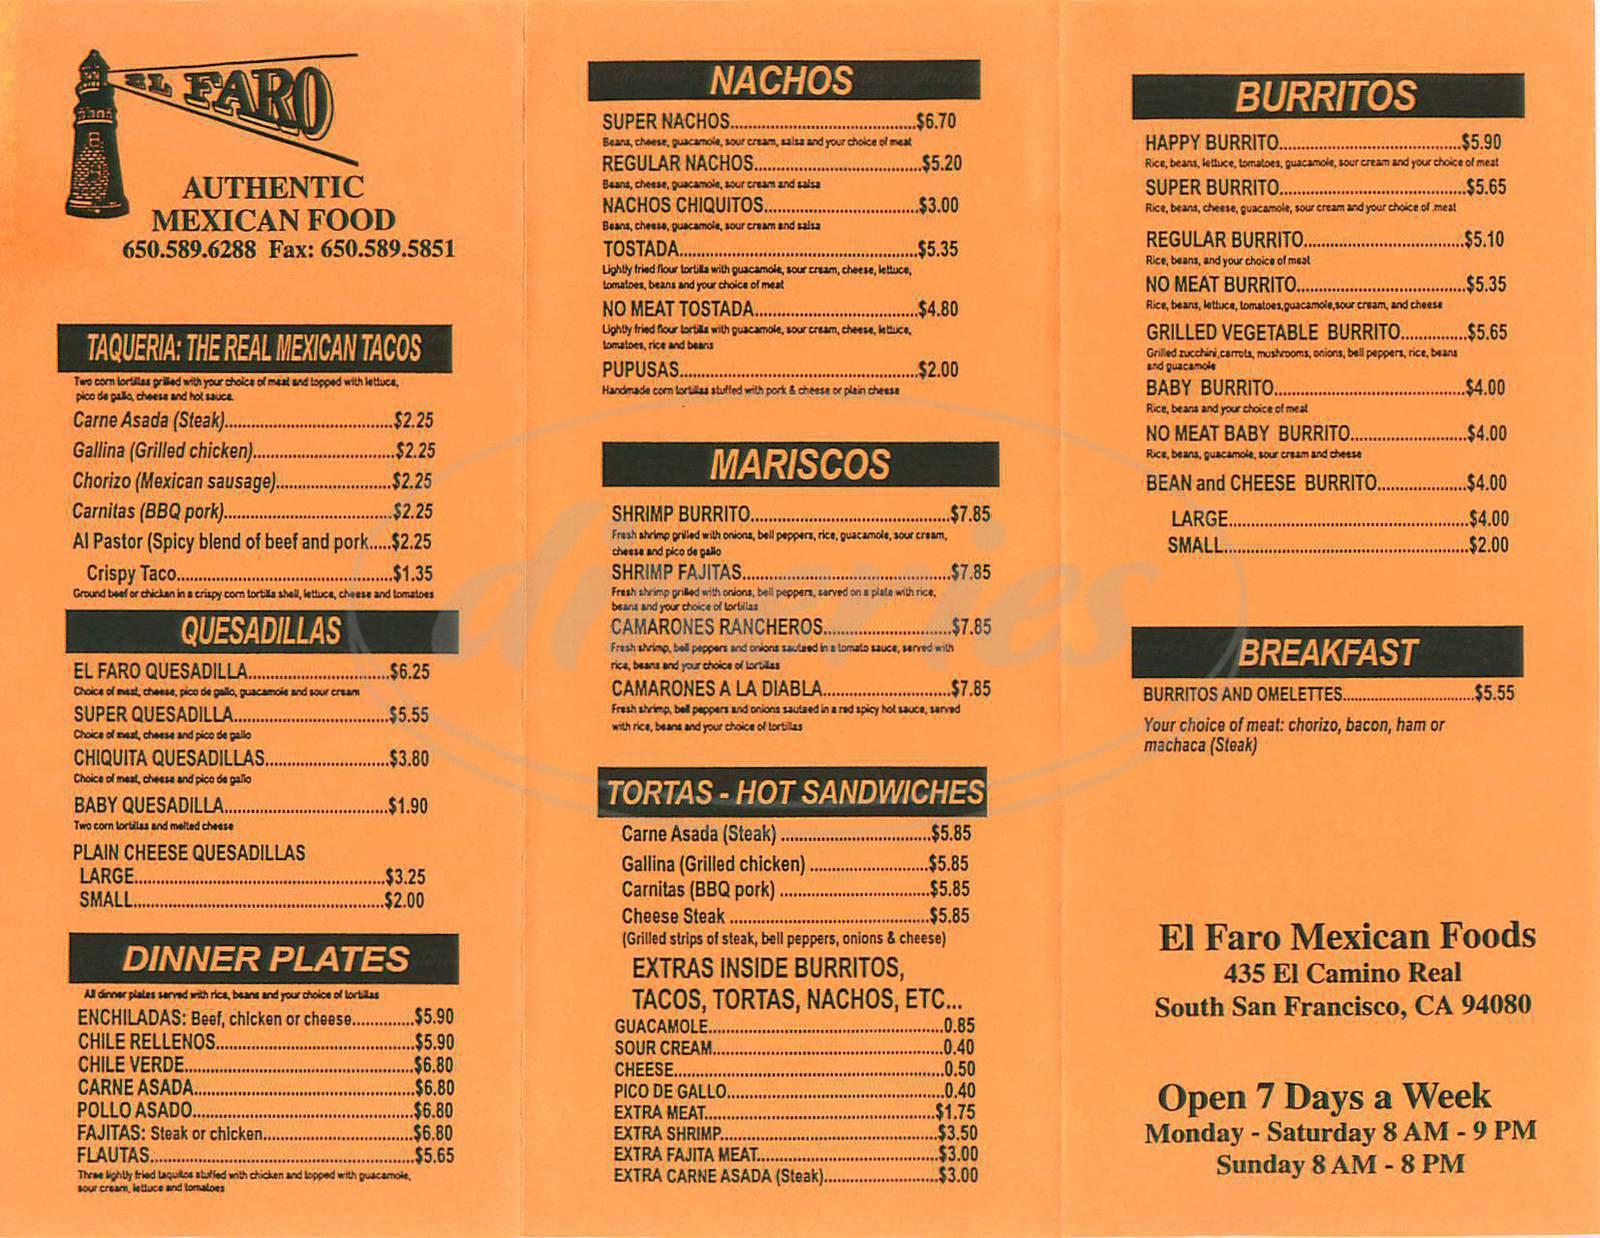 menu for El Faro